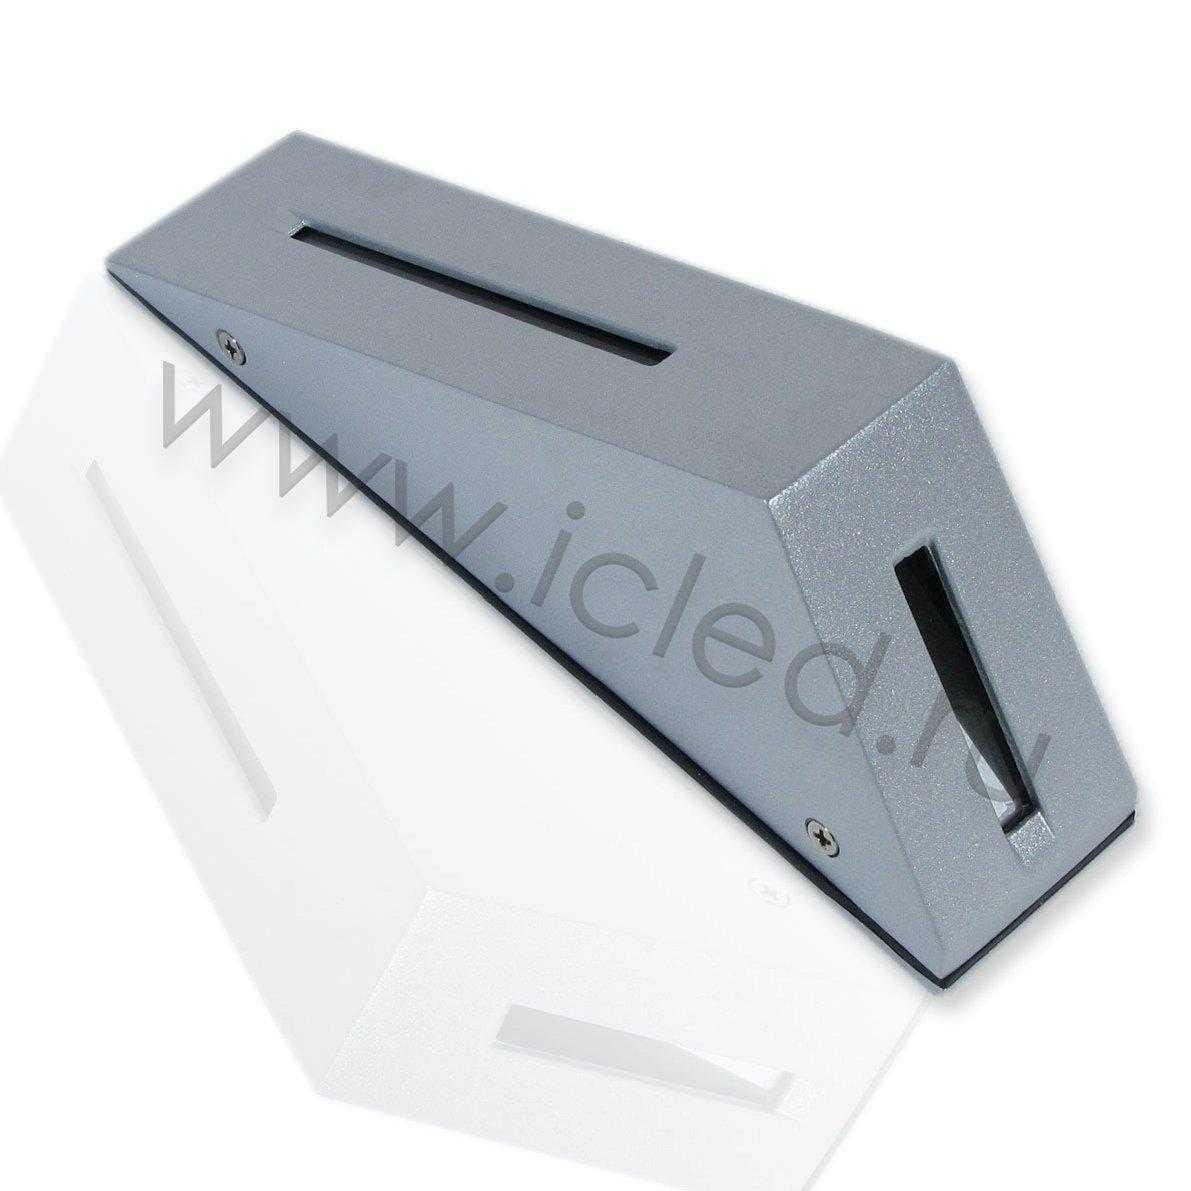 Светодиодный светильник UCR6200 MS, Warm White